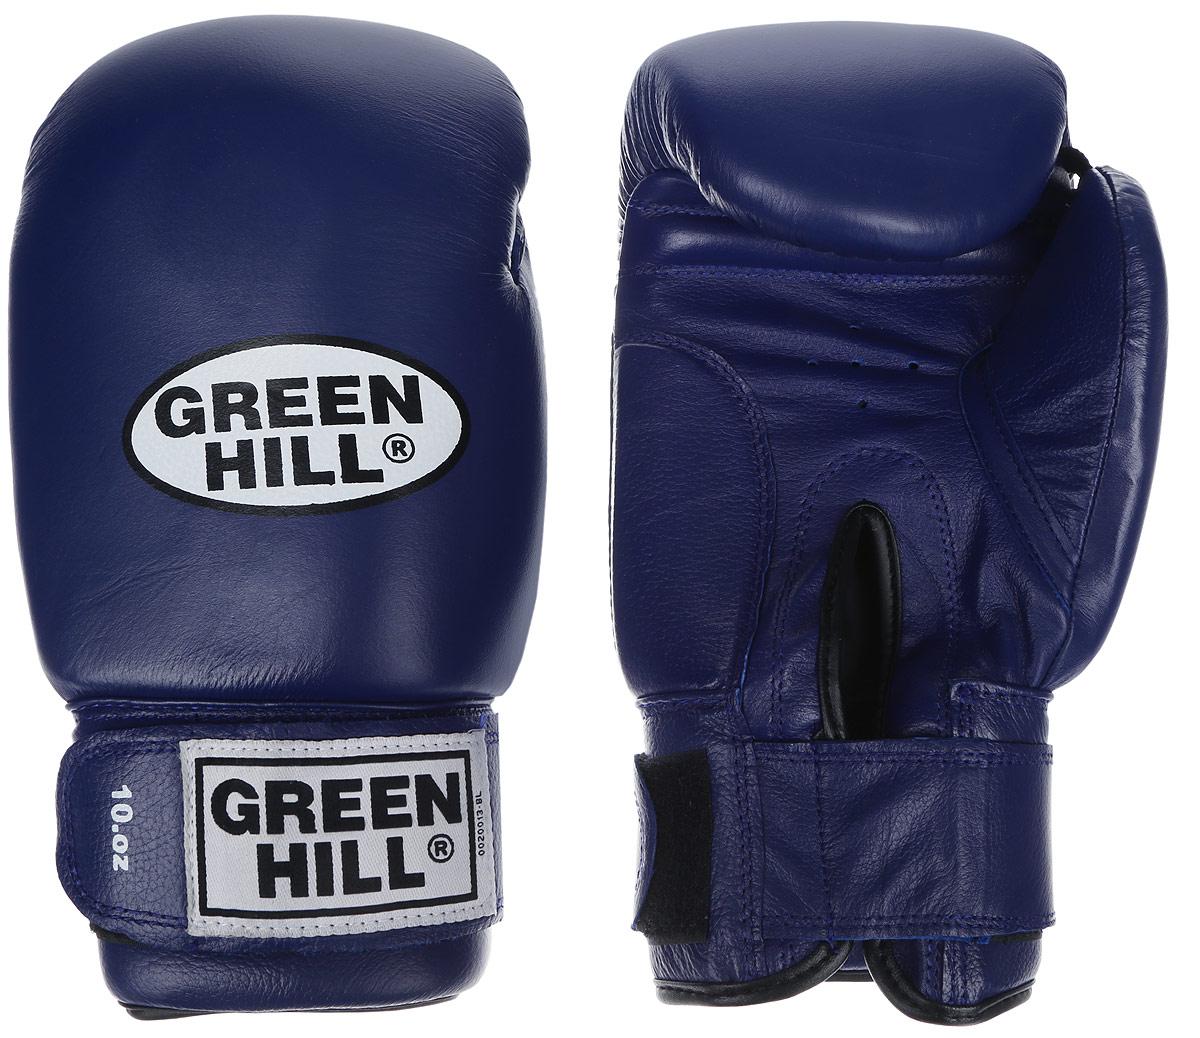 Перчатки боксерские Green Hill Super Star, цвет: синий, белый. Вес 10 унций. BGS-1213сAIRWHEEL M3-162.8Боксерские перчатки Green Hill Super Star предназначены для использования профессионалами. Подойдут для спаррингов и соревнований. Верх выполнен из натуральной кожи, наполнитель - из вспененного полимера. Отверстие в области ладони позволяет создать максимально комфортный терморежим во время занятий. Манжет на липучке способствует быстрому и удобному надеванию перчаток, плотно фиксирует перчатки на руке.